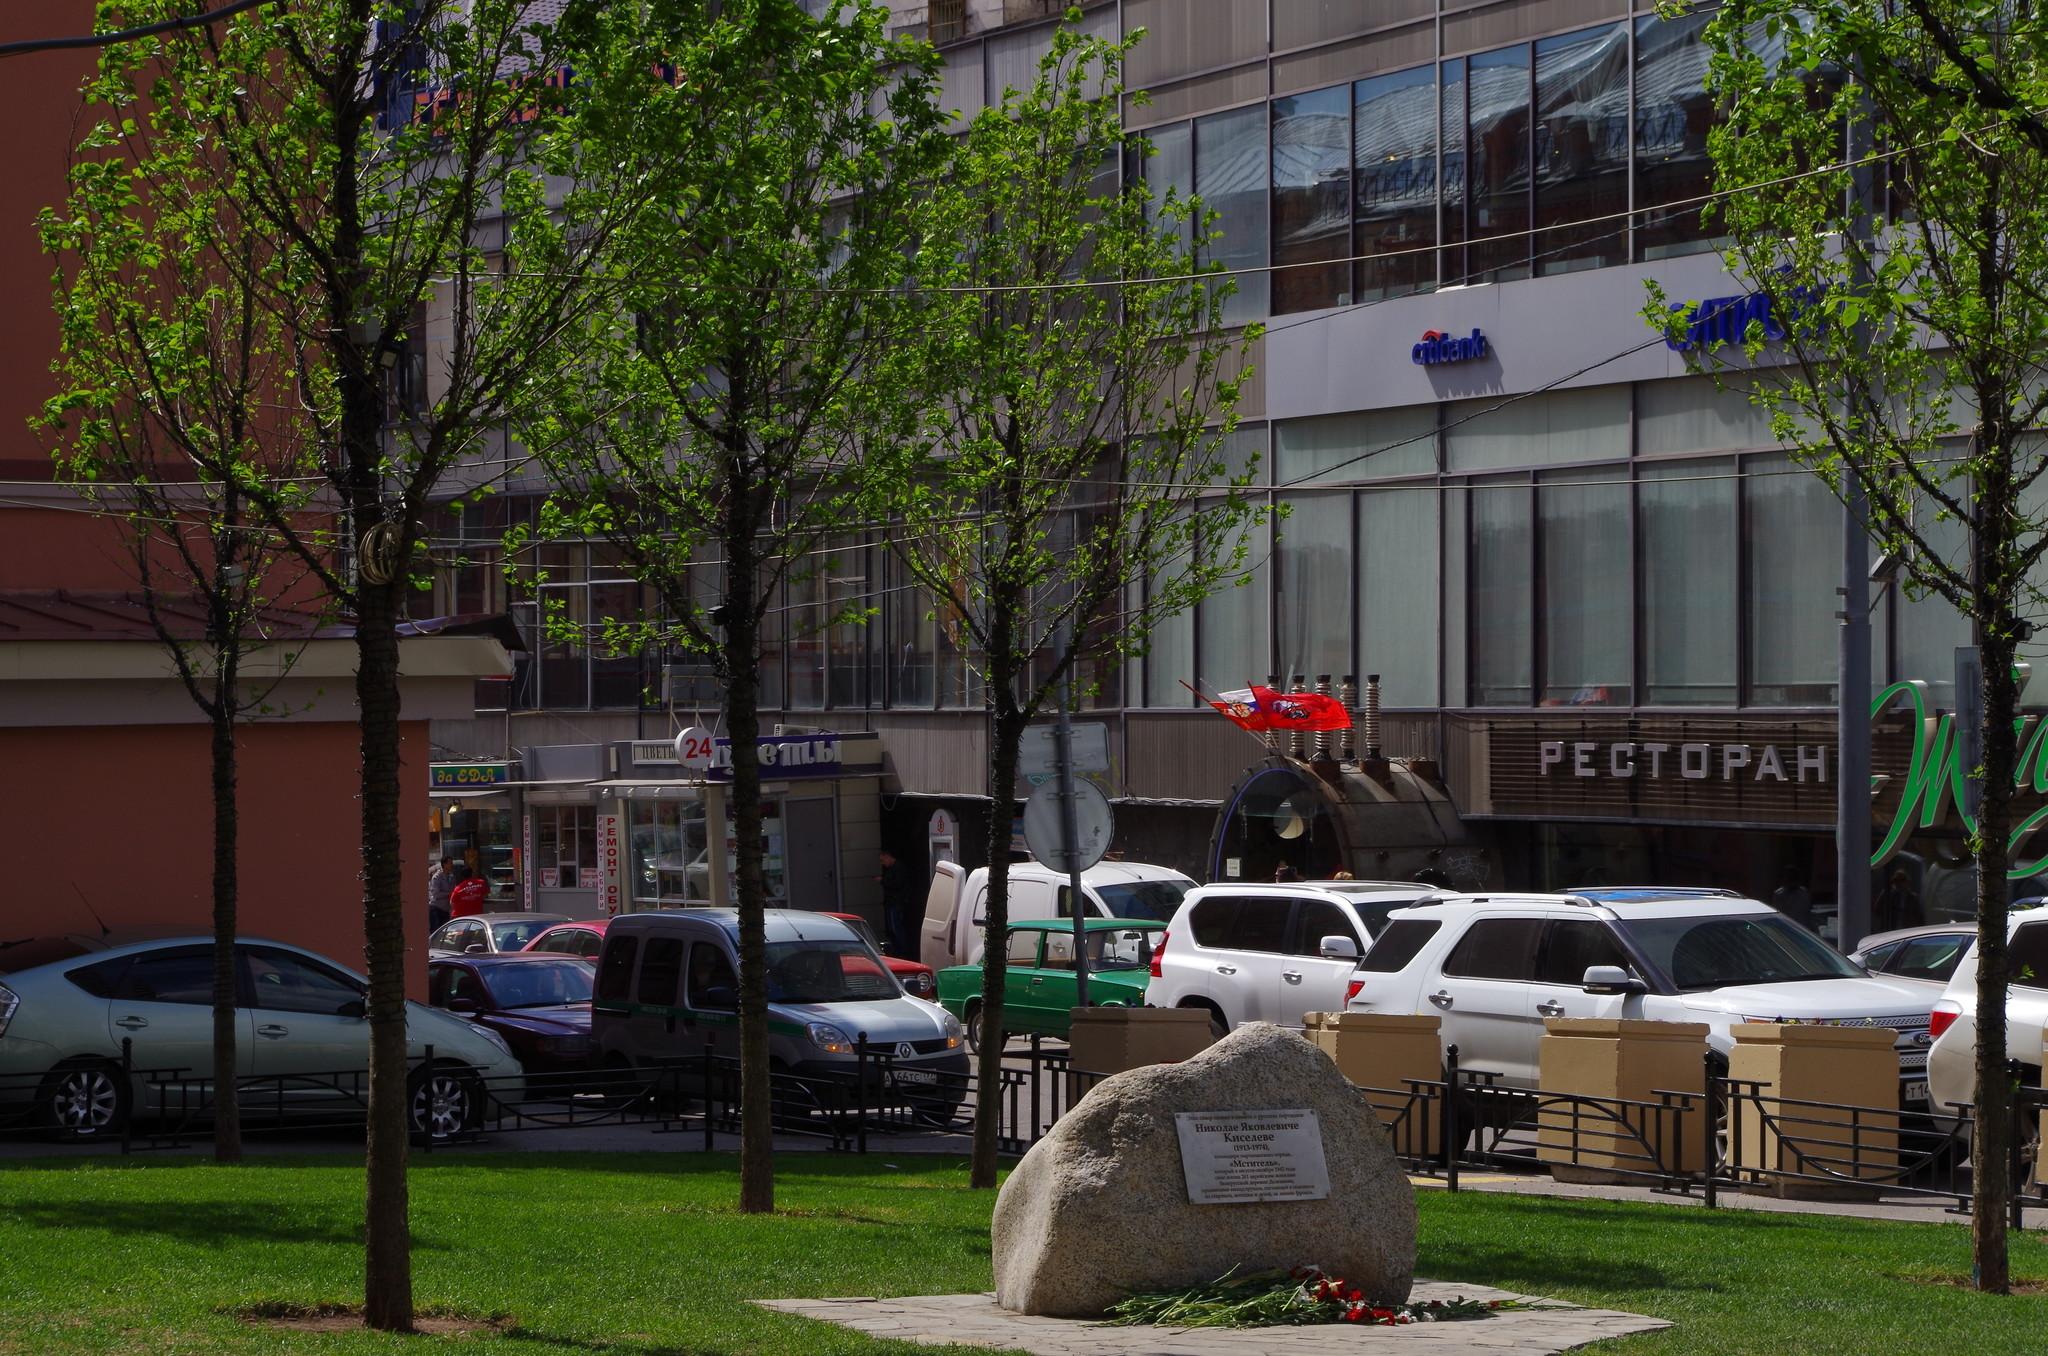 Сквер имени партизана Николая Киселёва на пересечении улицы Новый Арбат с Новоарбатским переулком